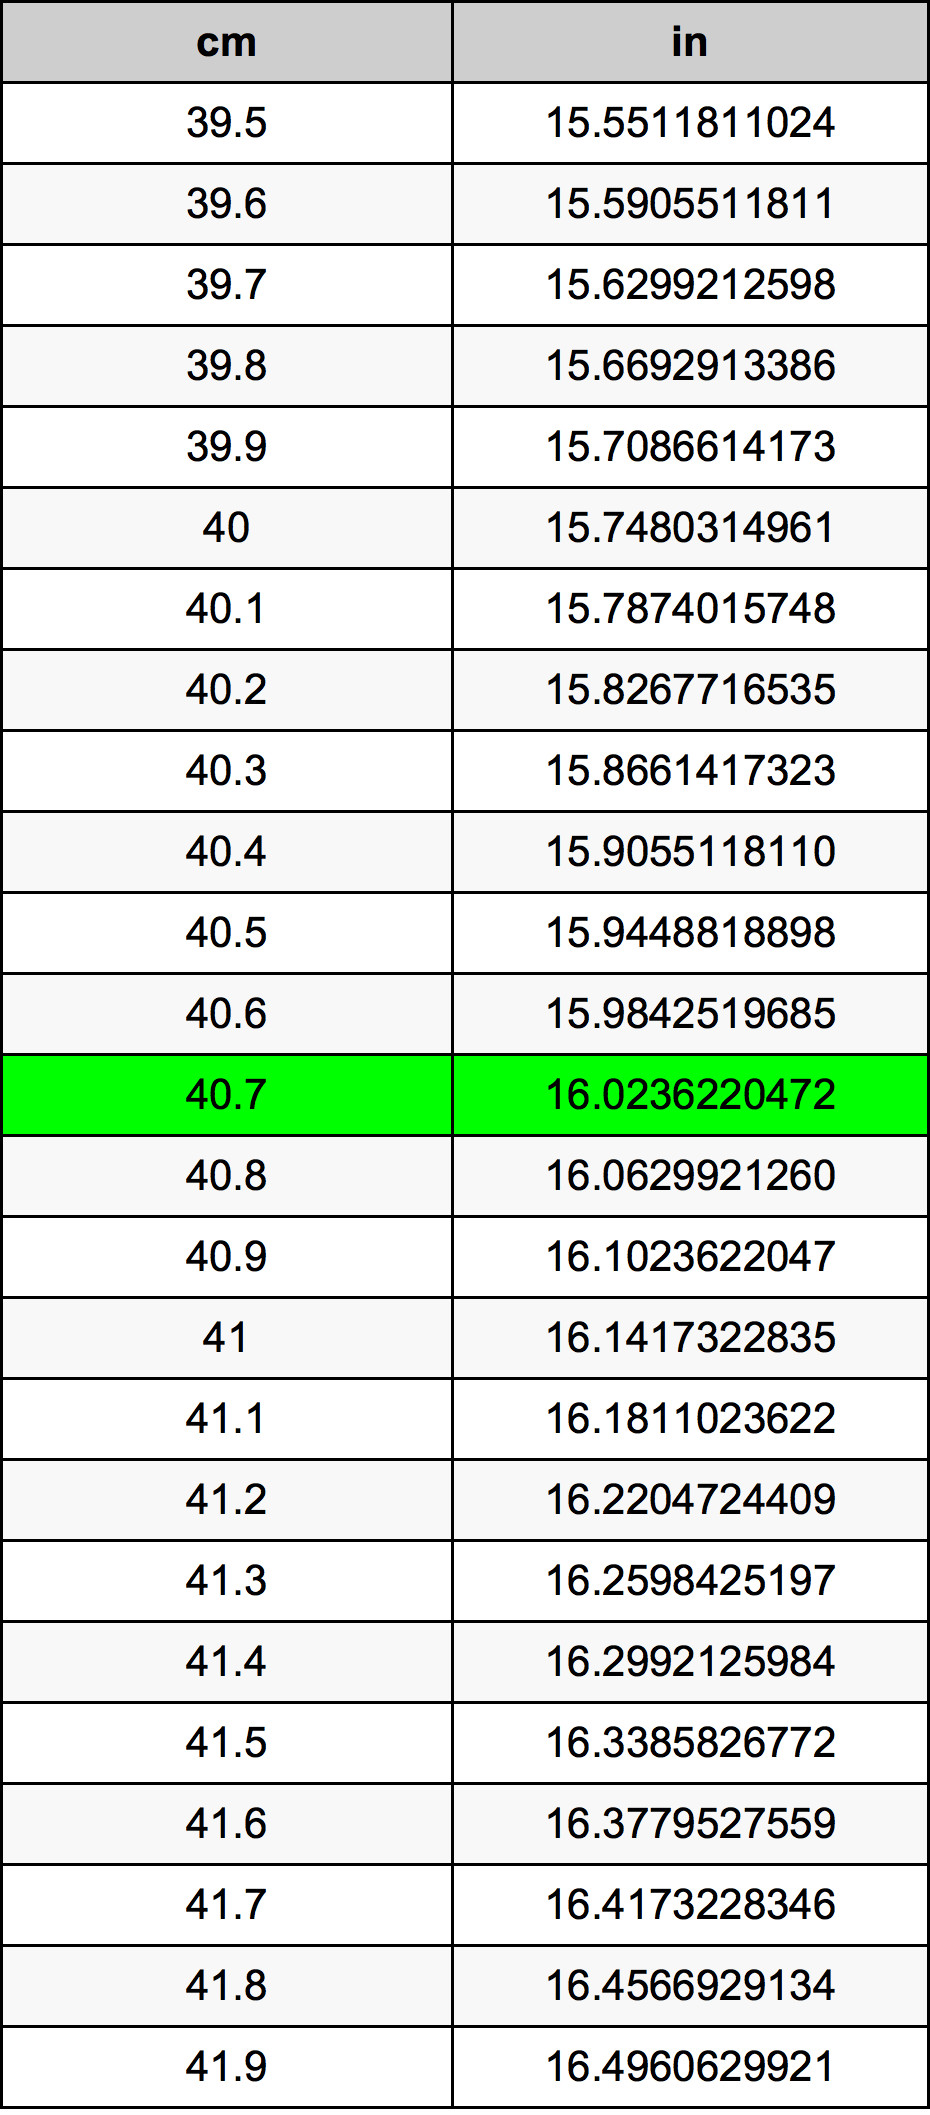 40.7 Centimetr převodní tabulka